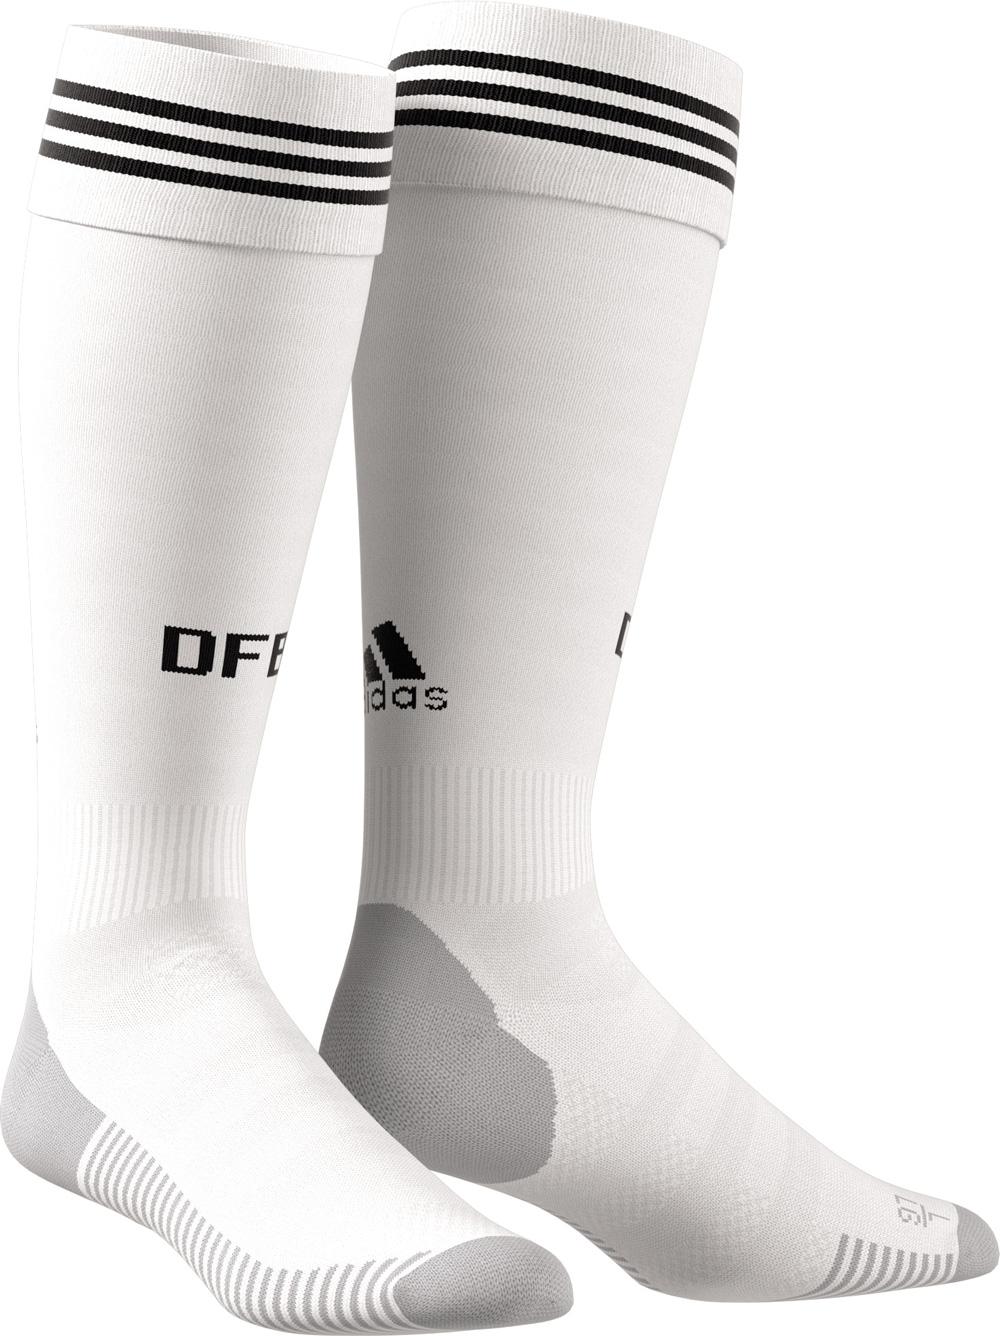 DFB Socken DFB HOME SOCKS